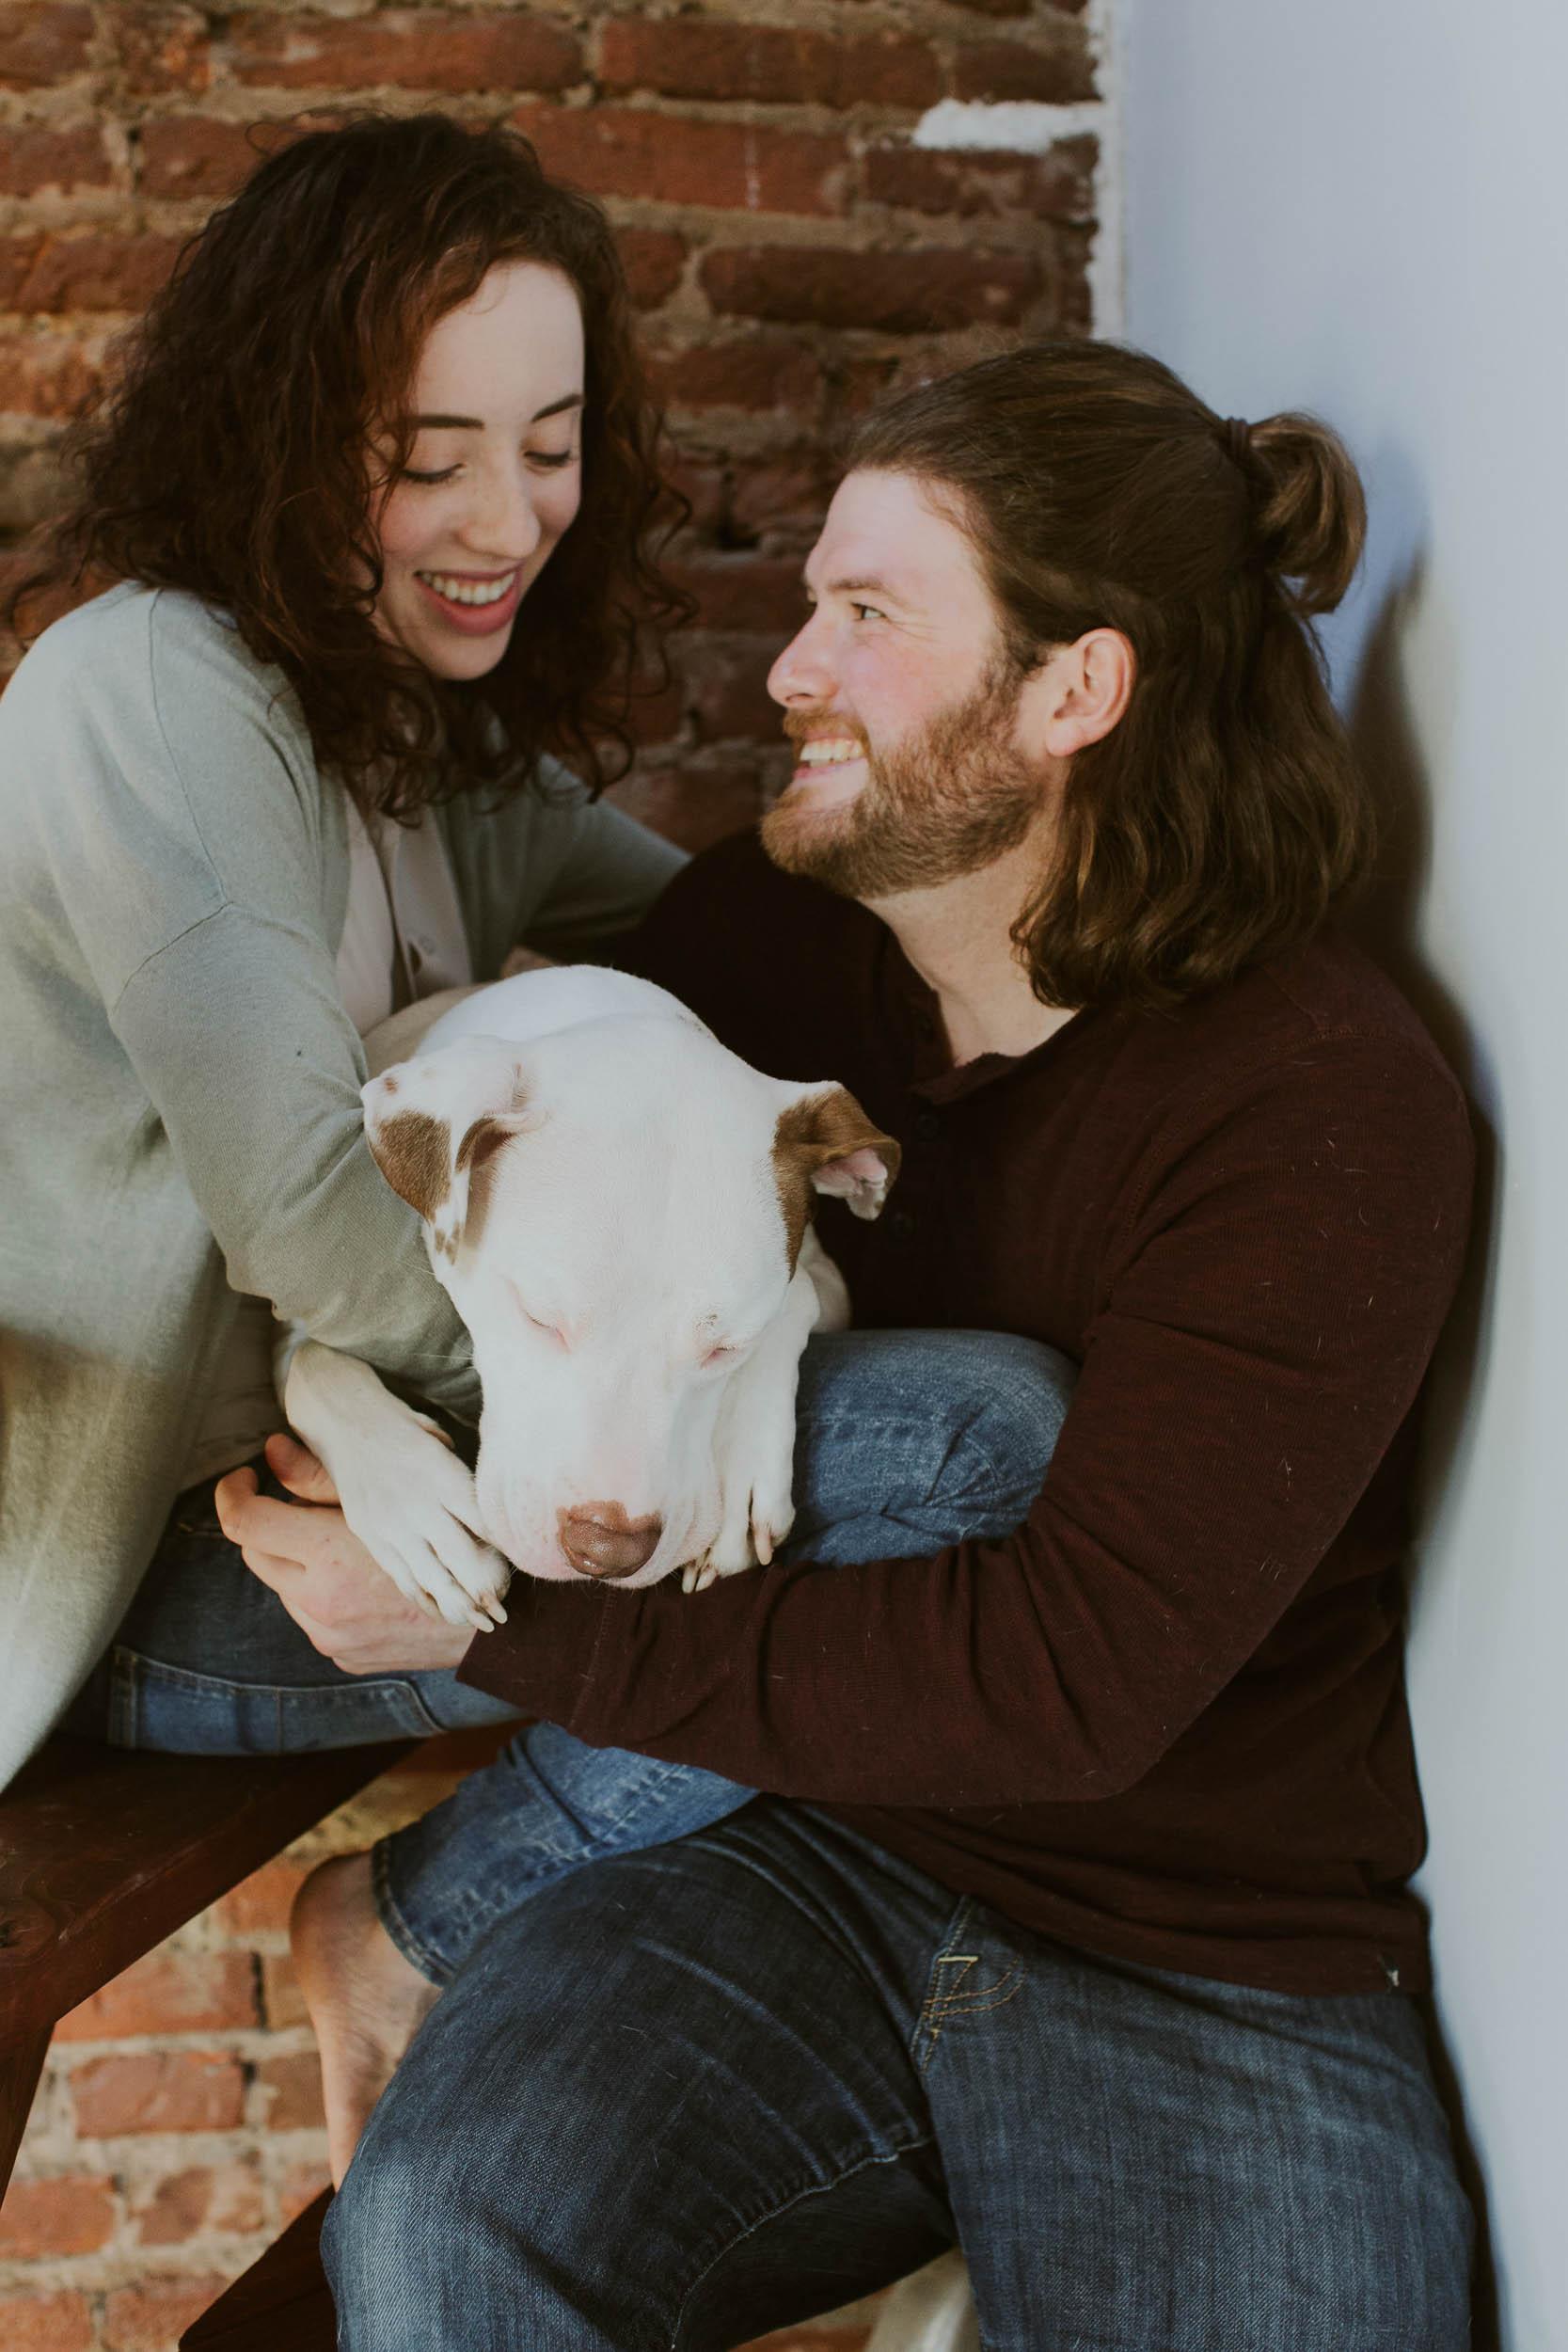 Kristen-Humbert-Family-Photoshoot-Philadelphia_Ruby-James-W-2-15.jpg